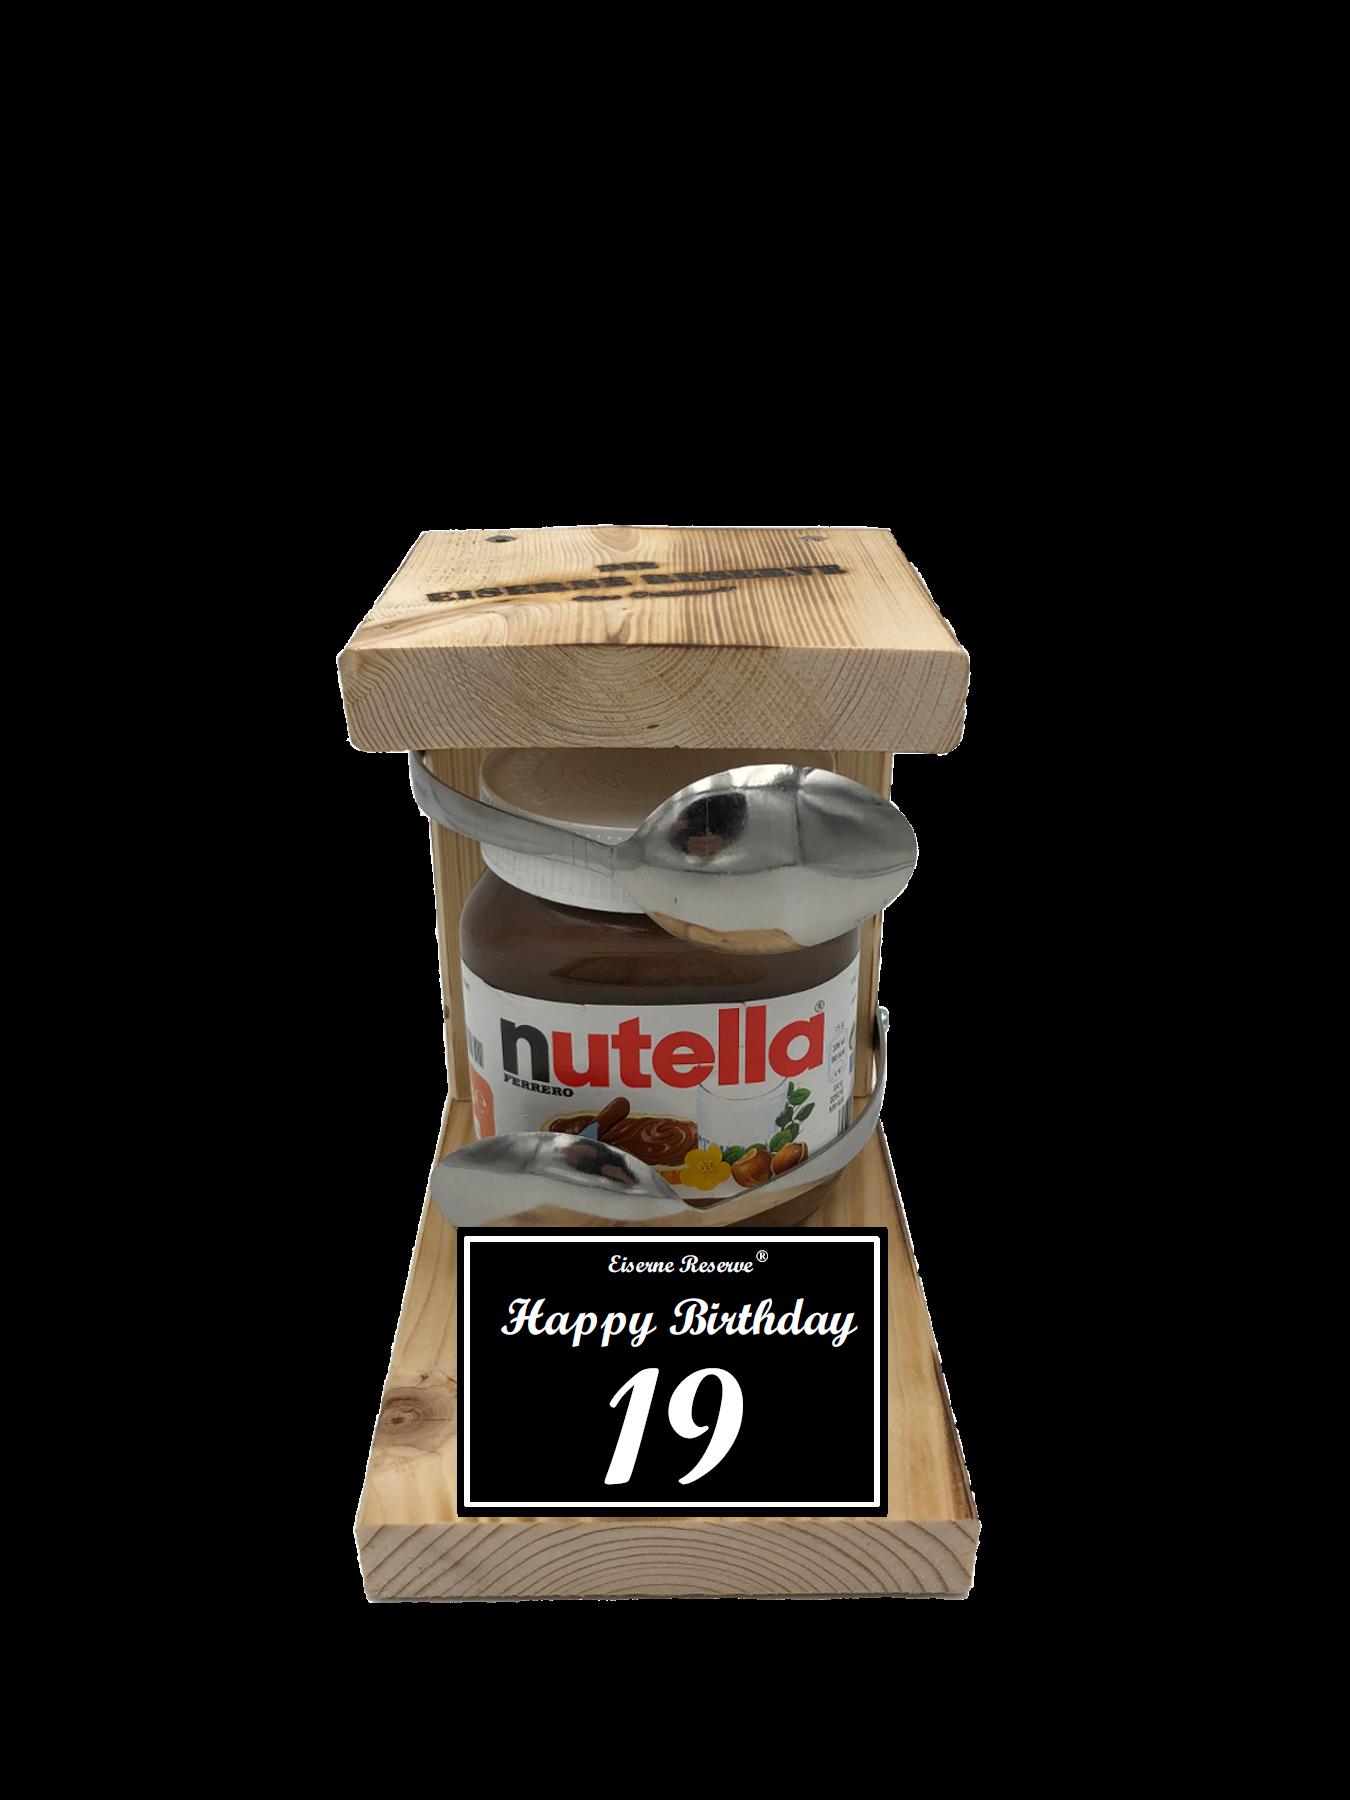 19 Happy Birthday Löffel Nutella Geschenk - Die Nutella Geschenkidee